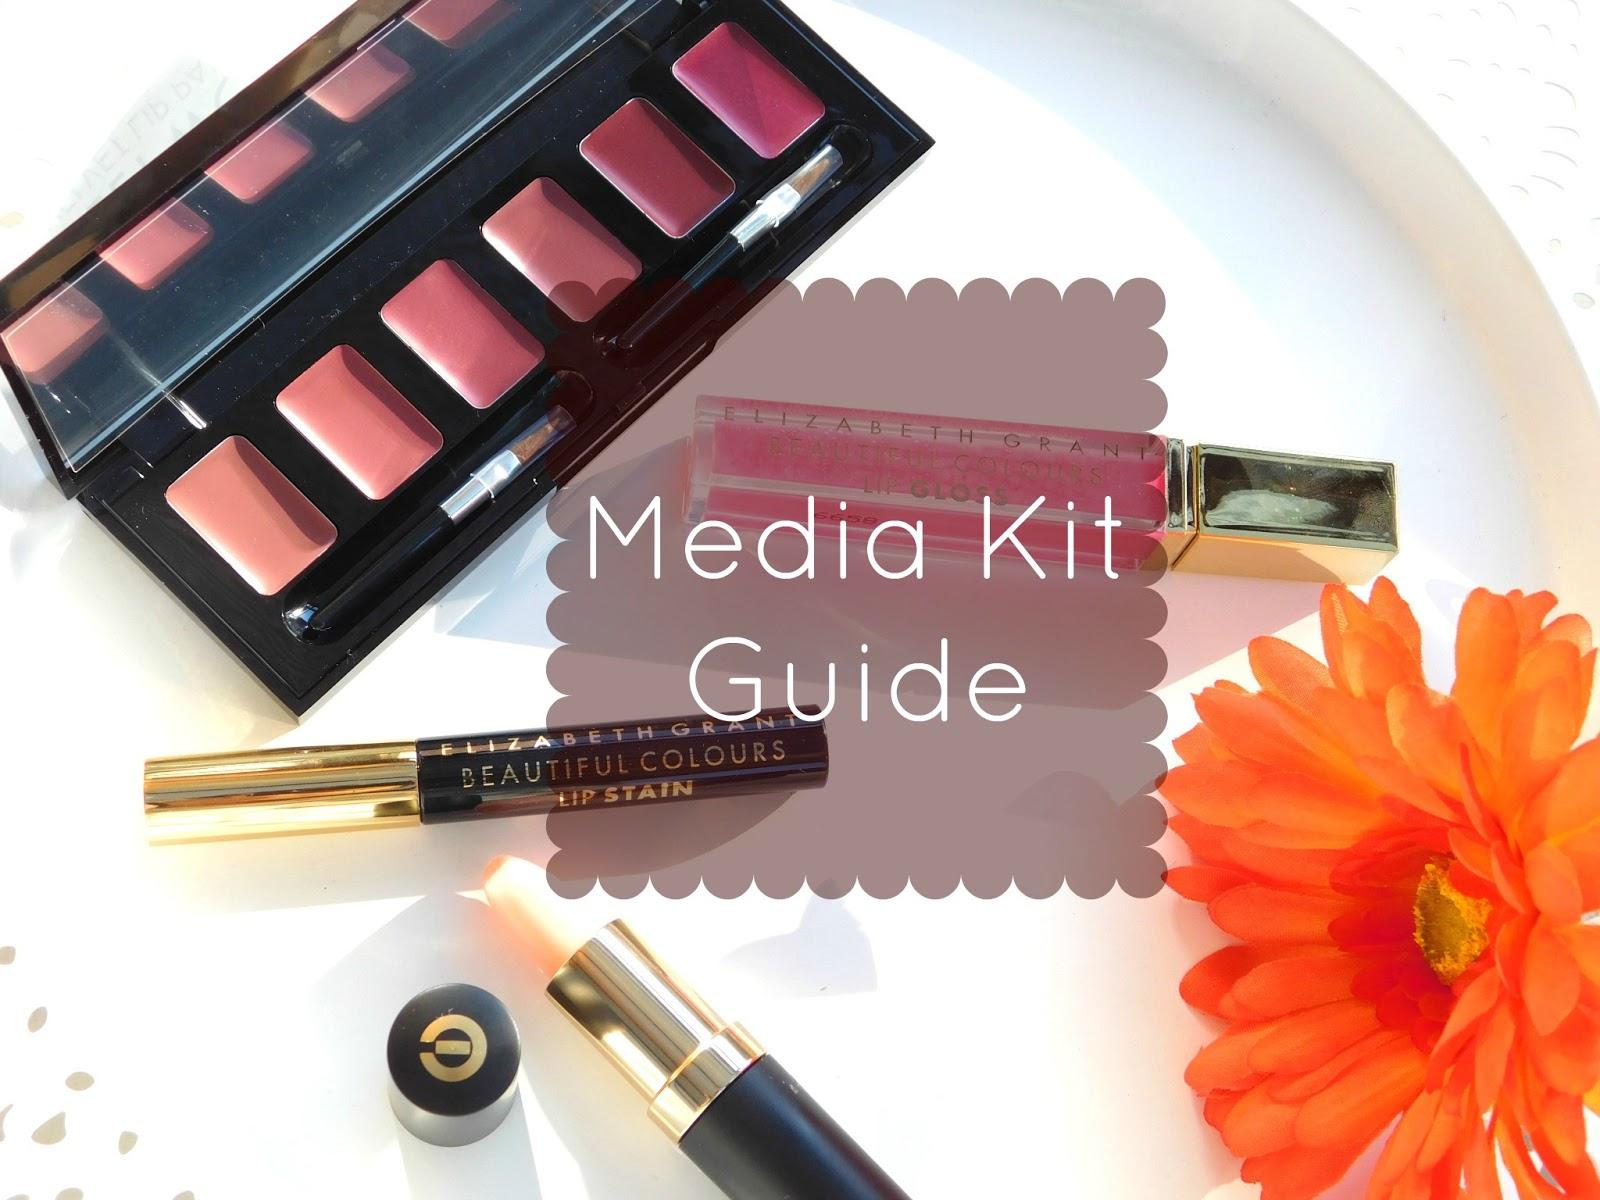 Media Kit Guide